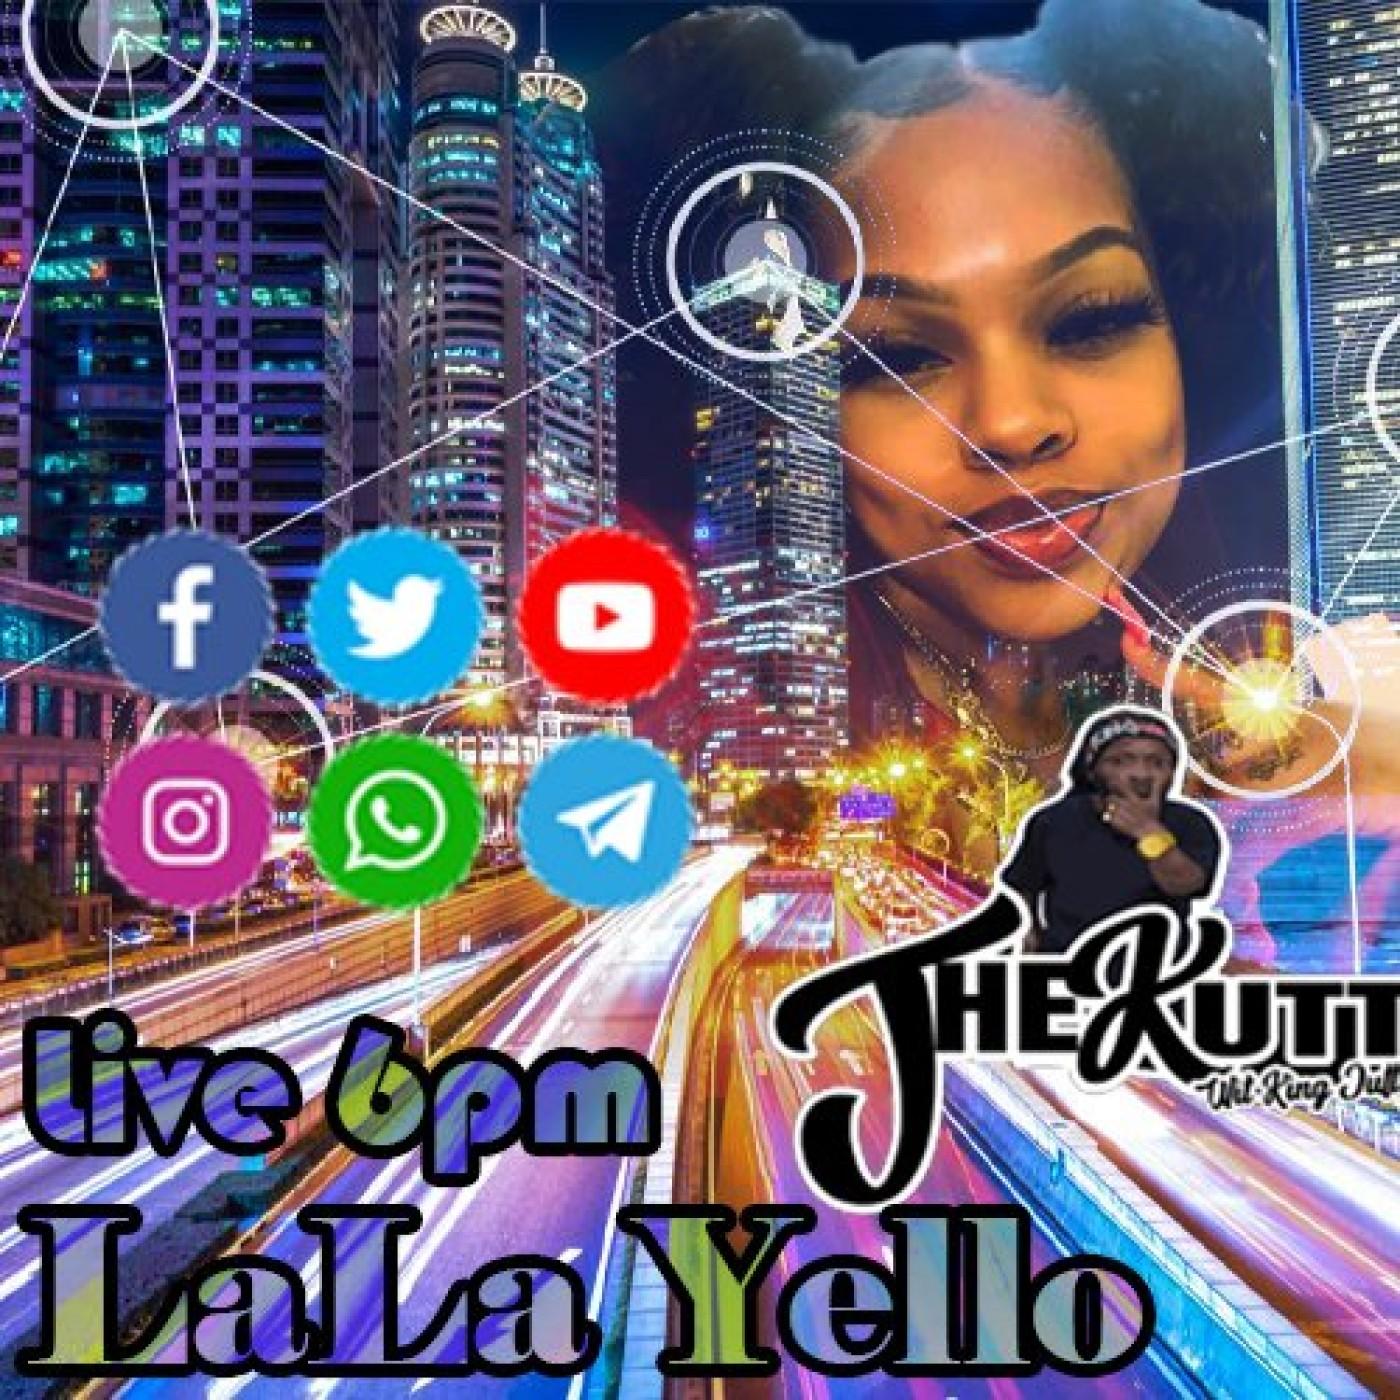 The Kutt Wit King Jutt Ep  18 wit LaLa Yello